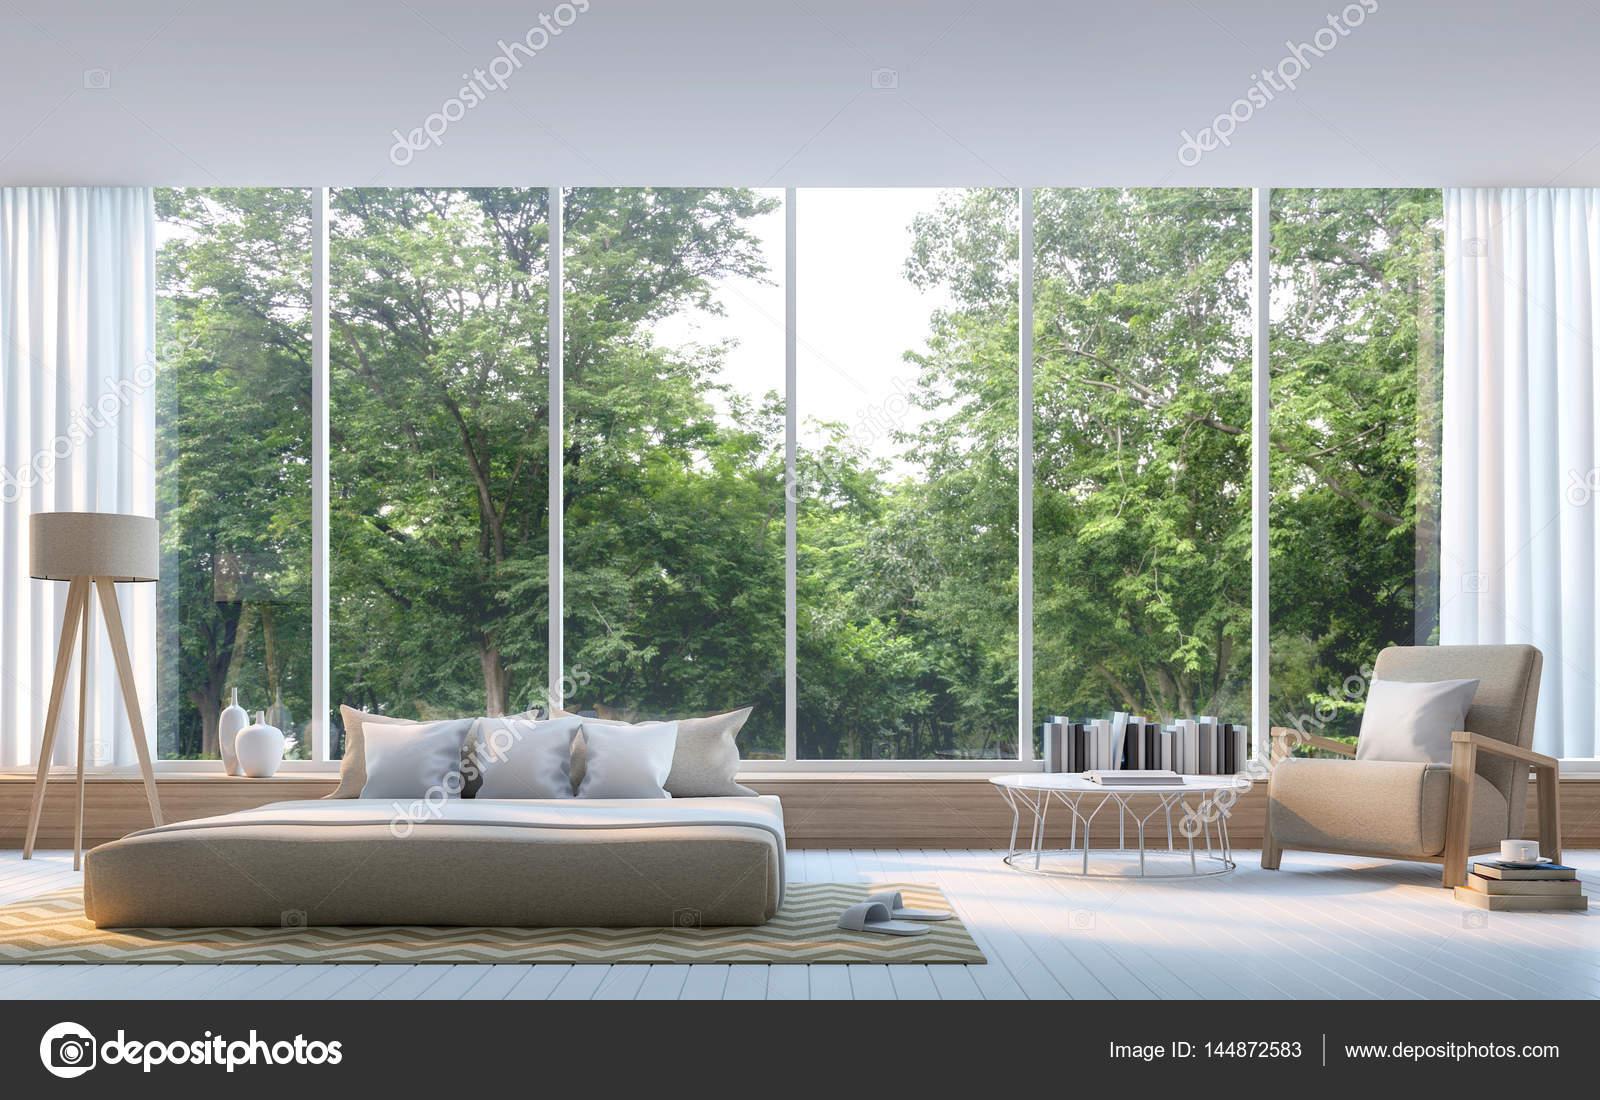 Moderne Schlafzimmer mit Natur Blick 3D-Rendering Bild — Stockfoto ...